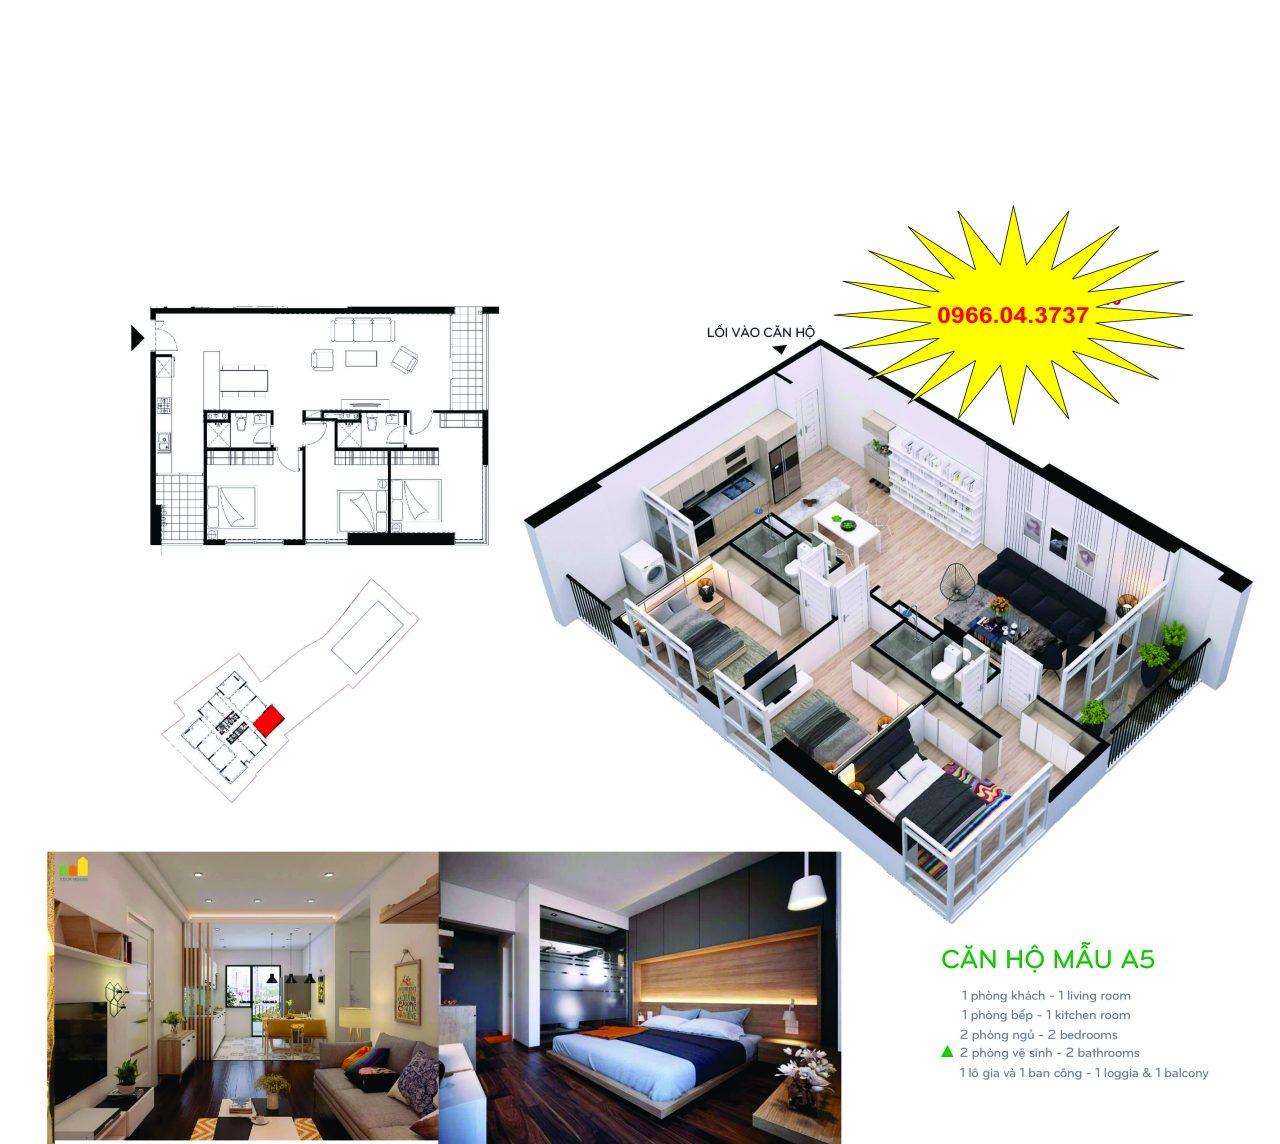 Căn hộ A5 diện tích 102,3m2 – 3 ngủ 2 wc – cửa tây nam, ban công Đông Nam – Đông Bắc.